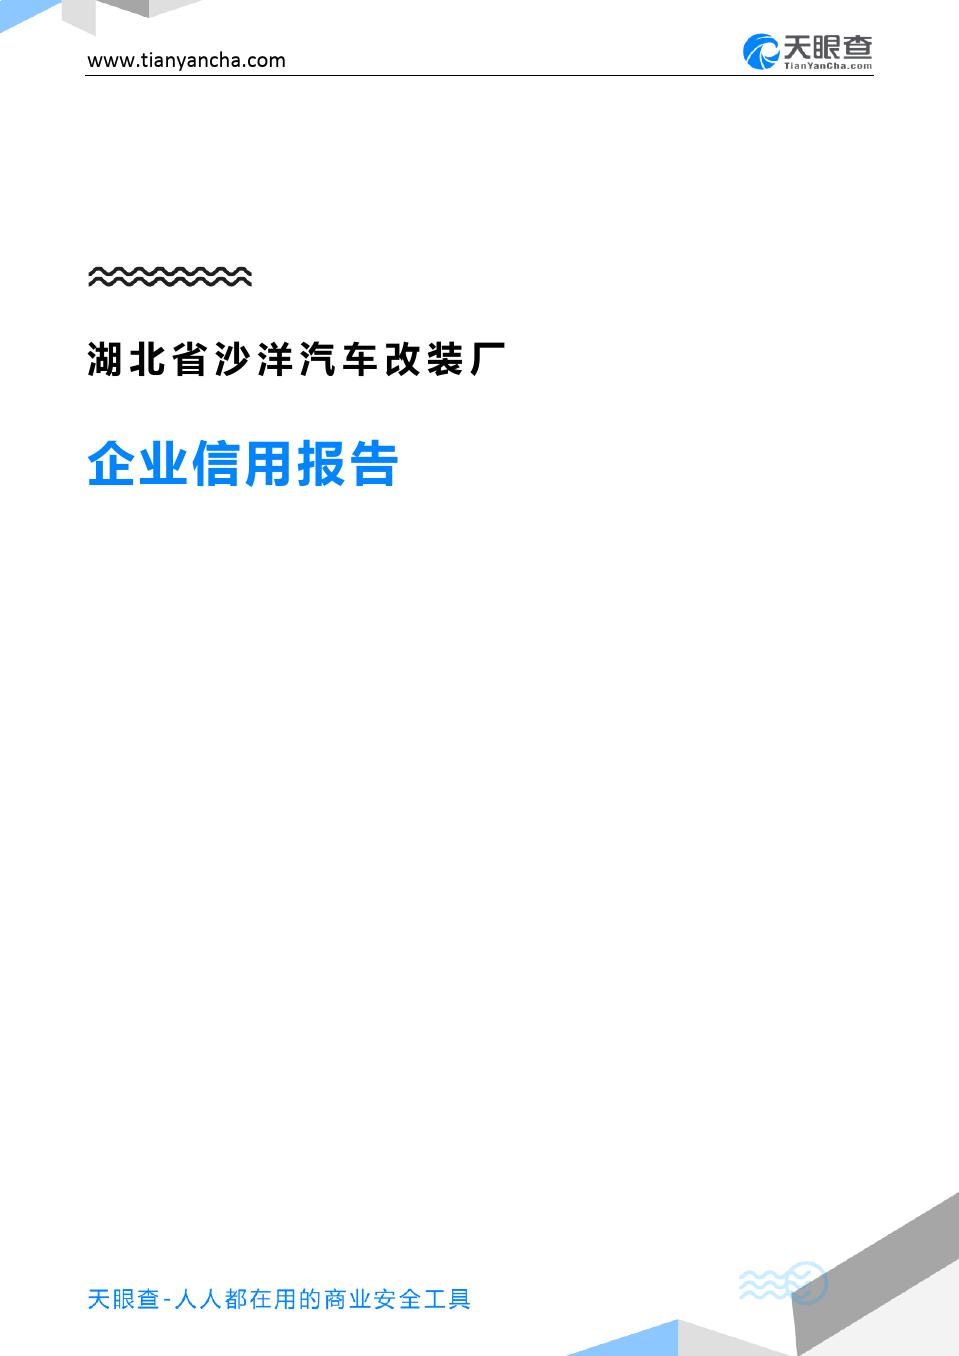 湖北省沙洋汽车改装厂(企业信用报告)- 天眼查